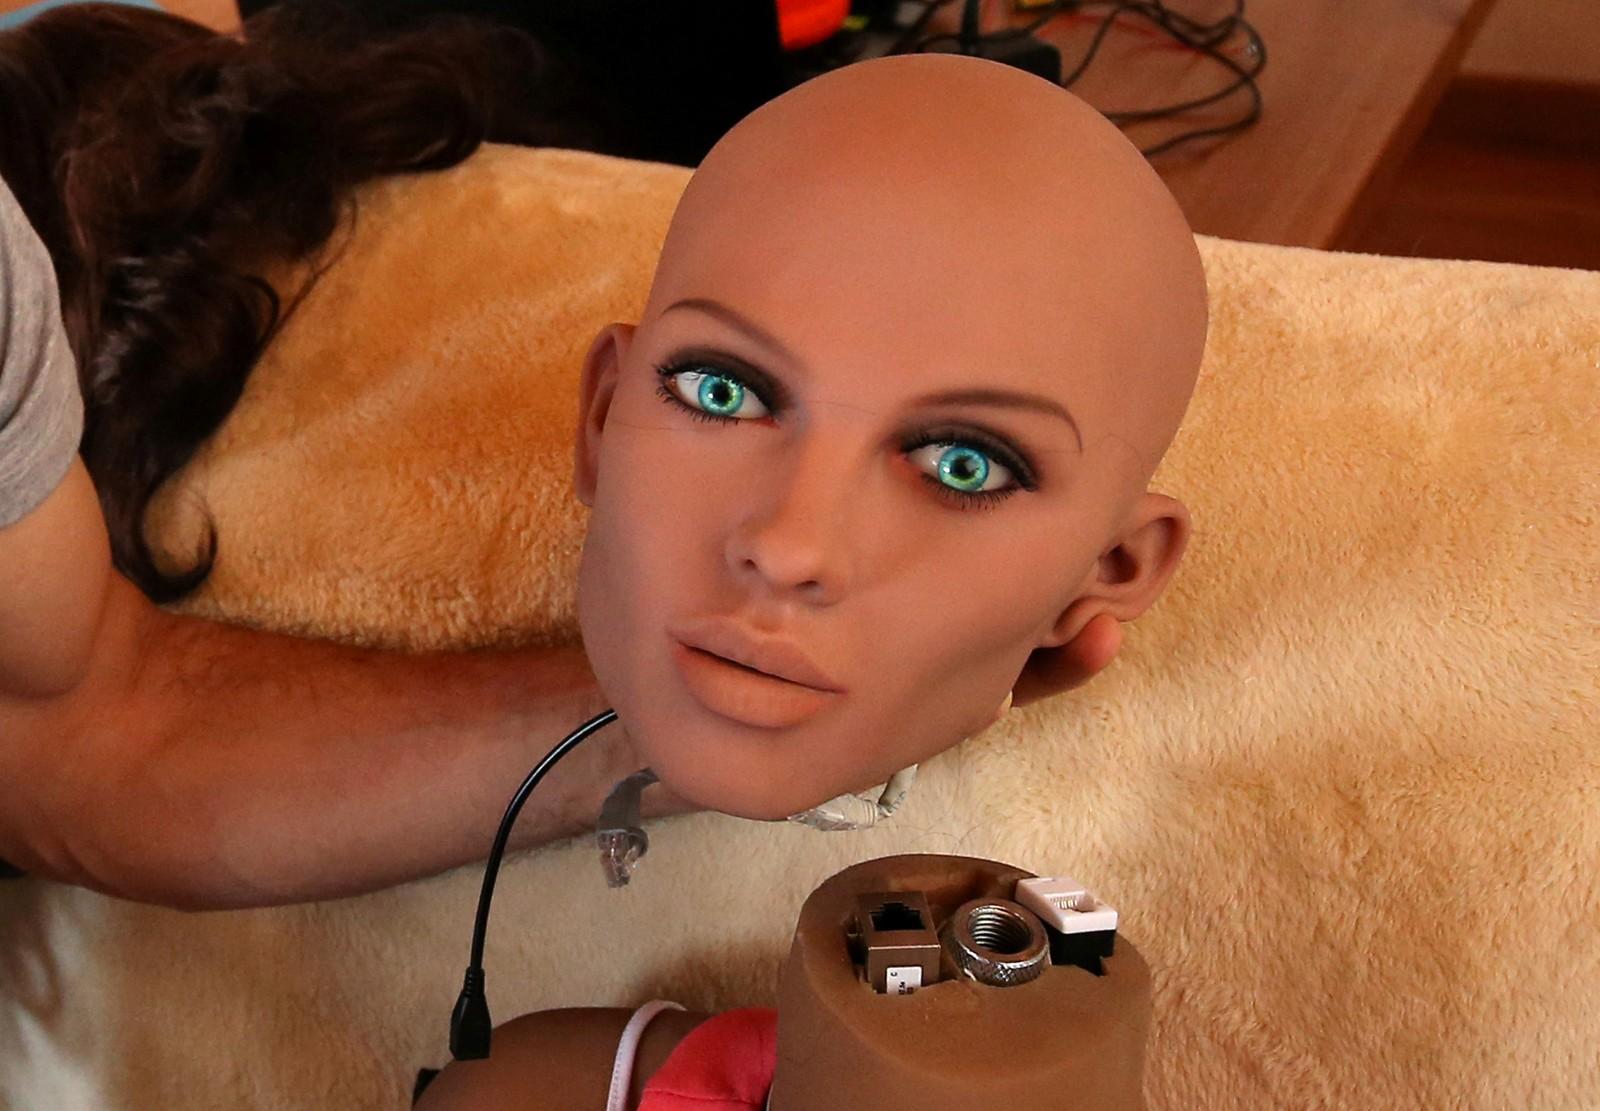 """Fra kunstige hundehoder på forrige bilde, til kunstige menneskehoder. Dette er hodet til """"Samantha"""" - en såkalt sexdukke full av kunstig intelligens, ifølge produsenten."""